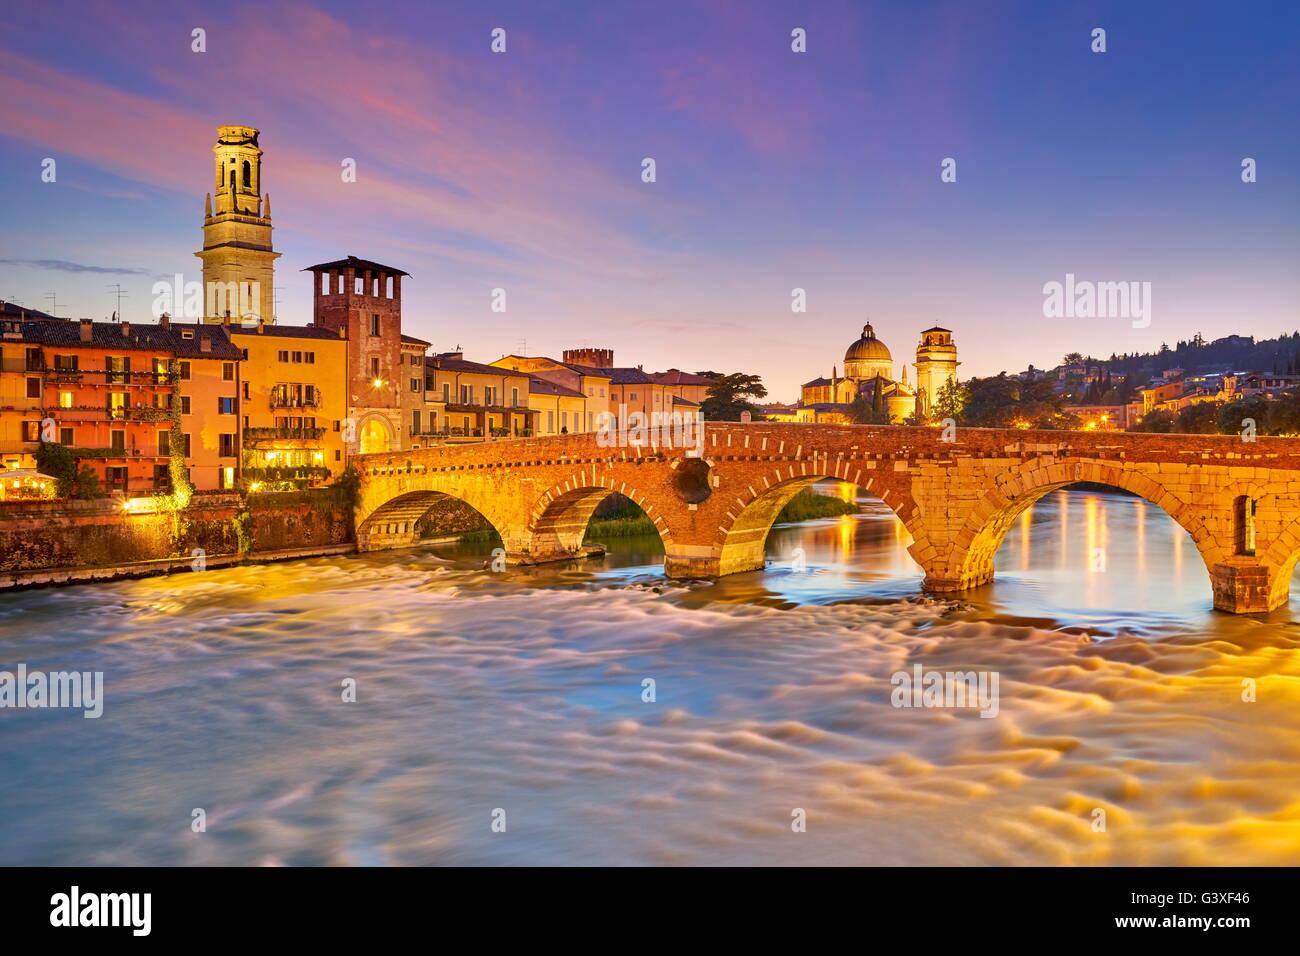 Verona - Ponte Pietra al crepuscolo serale, Italia Immagini Stock